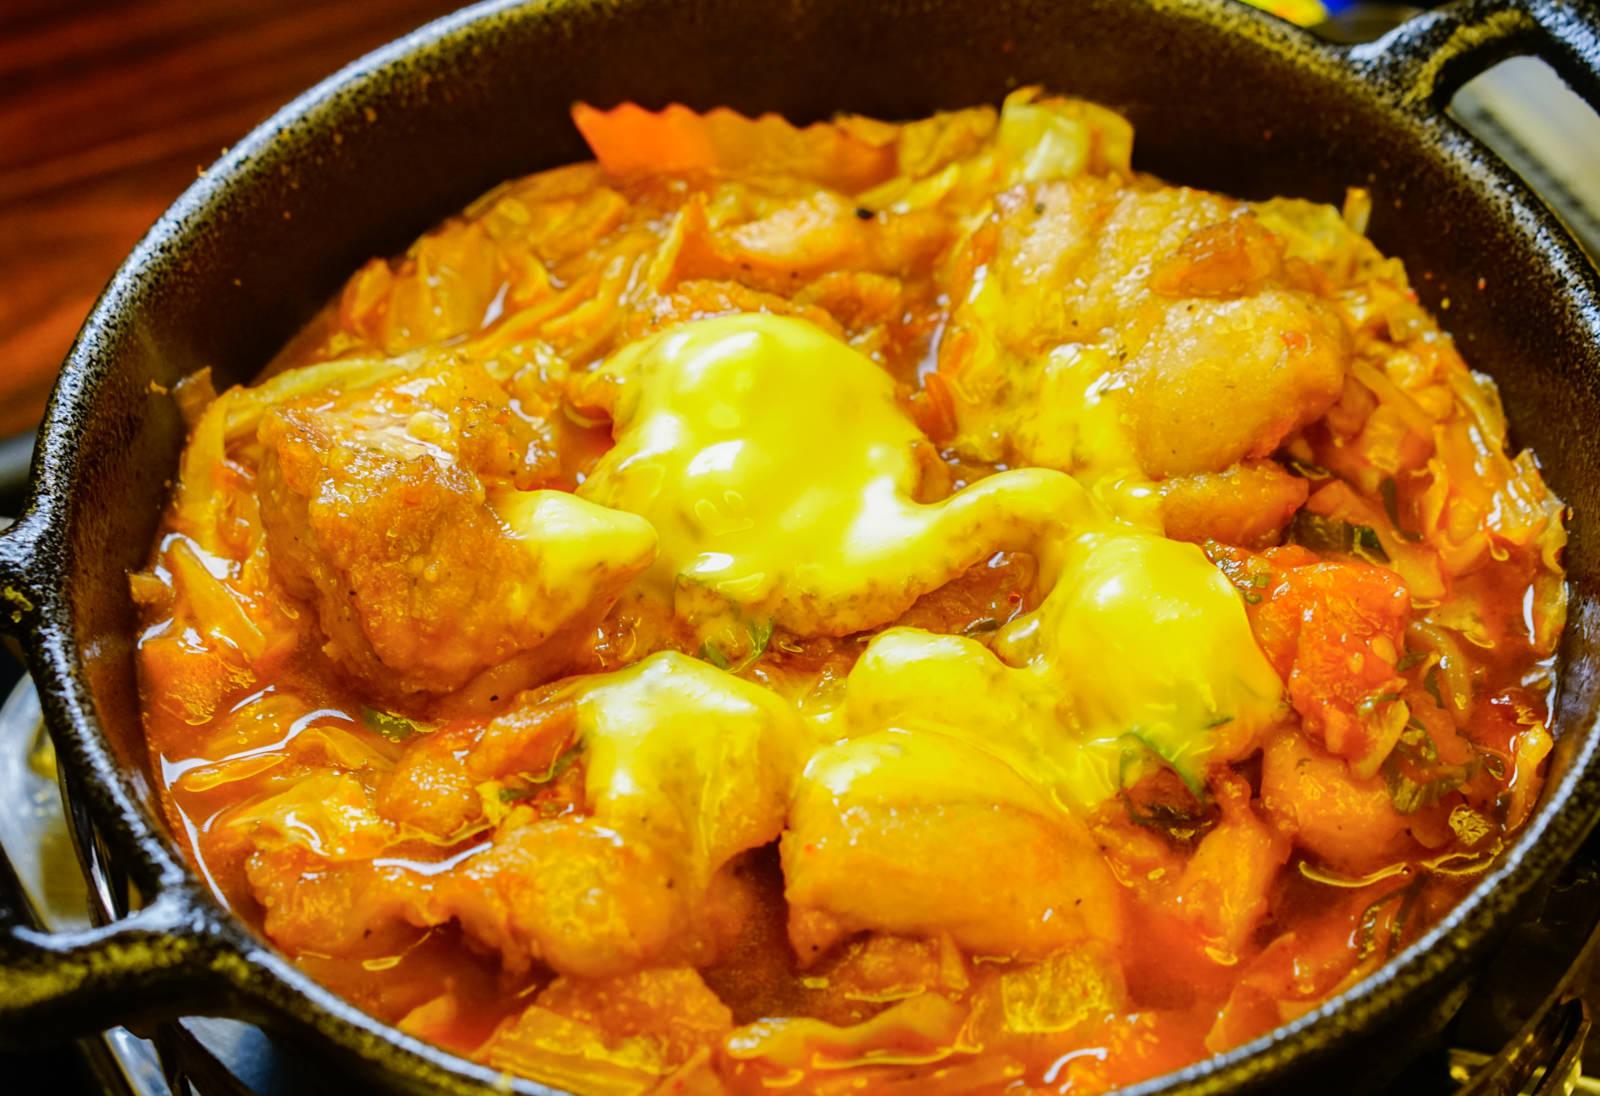 [高雄]黃鵲.食料研製所-難以抗拒!美味起司番茄雞肉燒 超平價日式料理 鳳山美食餐廳推薦